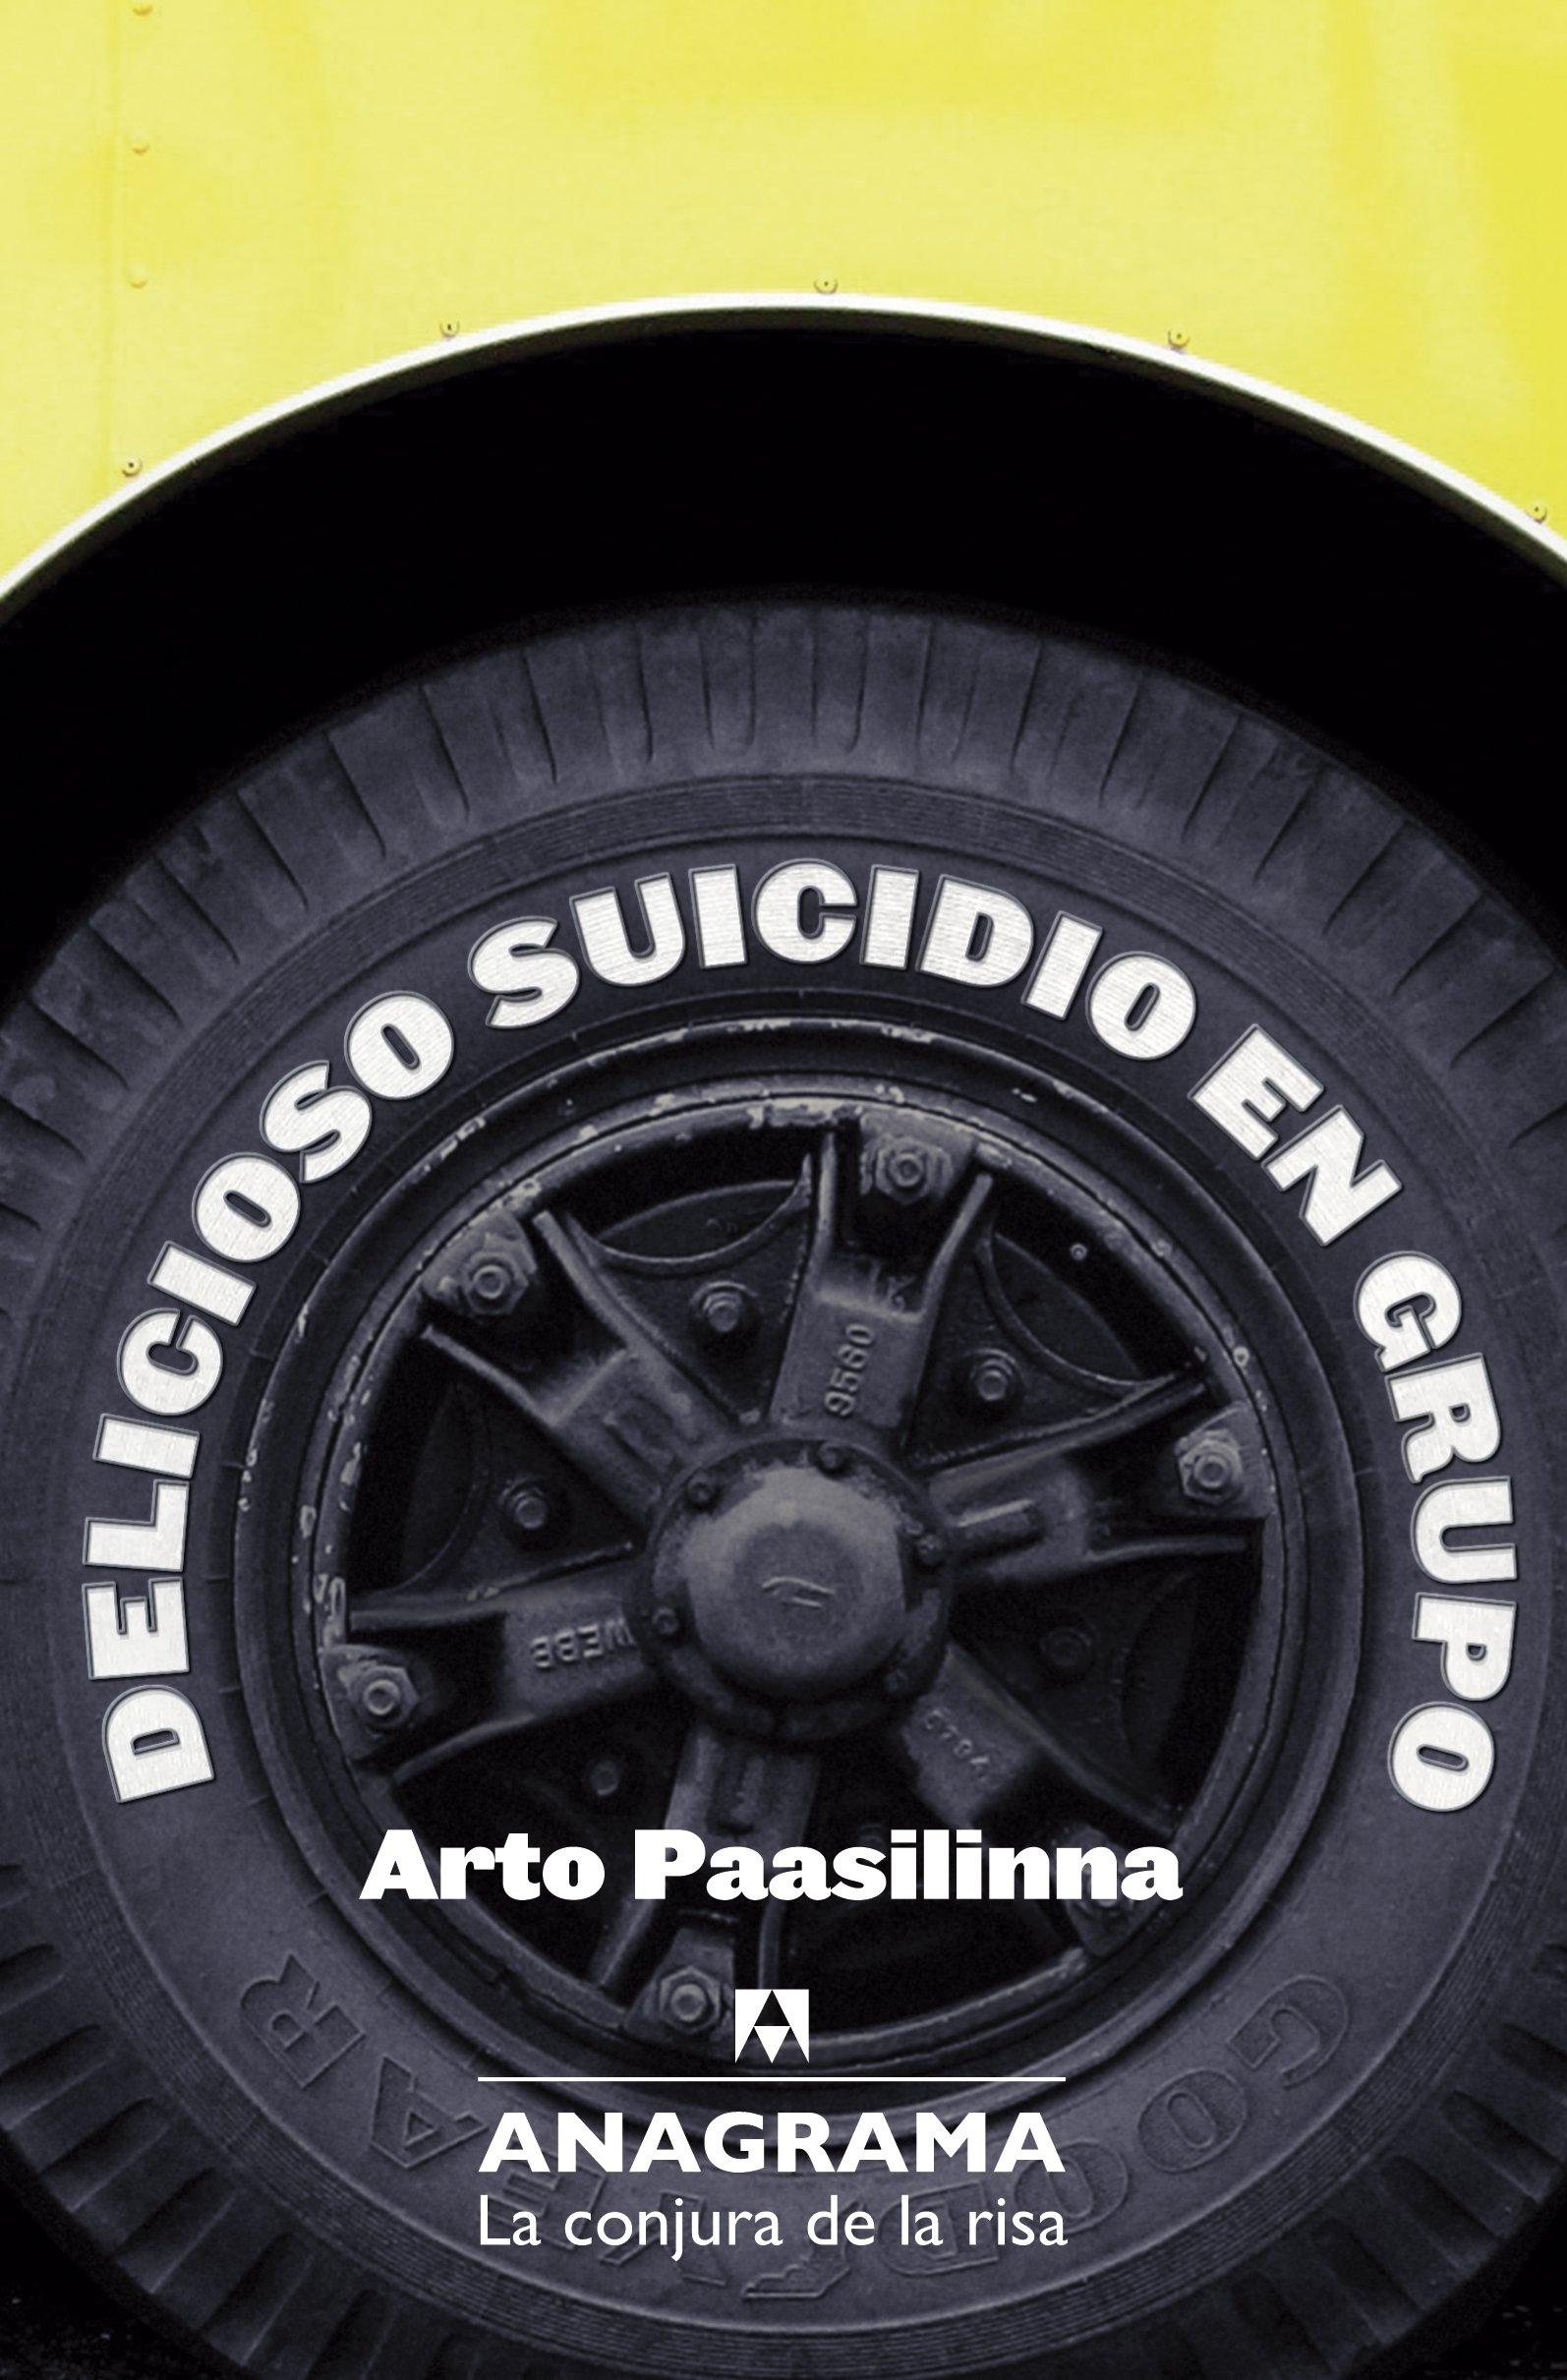 Delicioso Suicidio En Grupo (La Conjura de la Risa) Tapa blanda – 7 may 2014 Arto Paasilinna Anagrama 8433921053 Literary